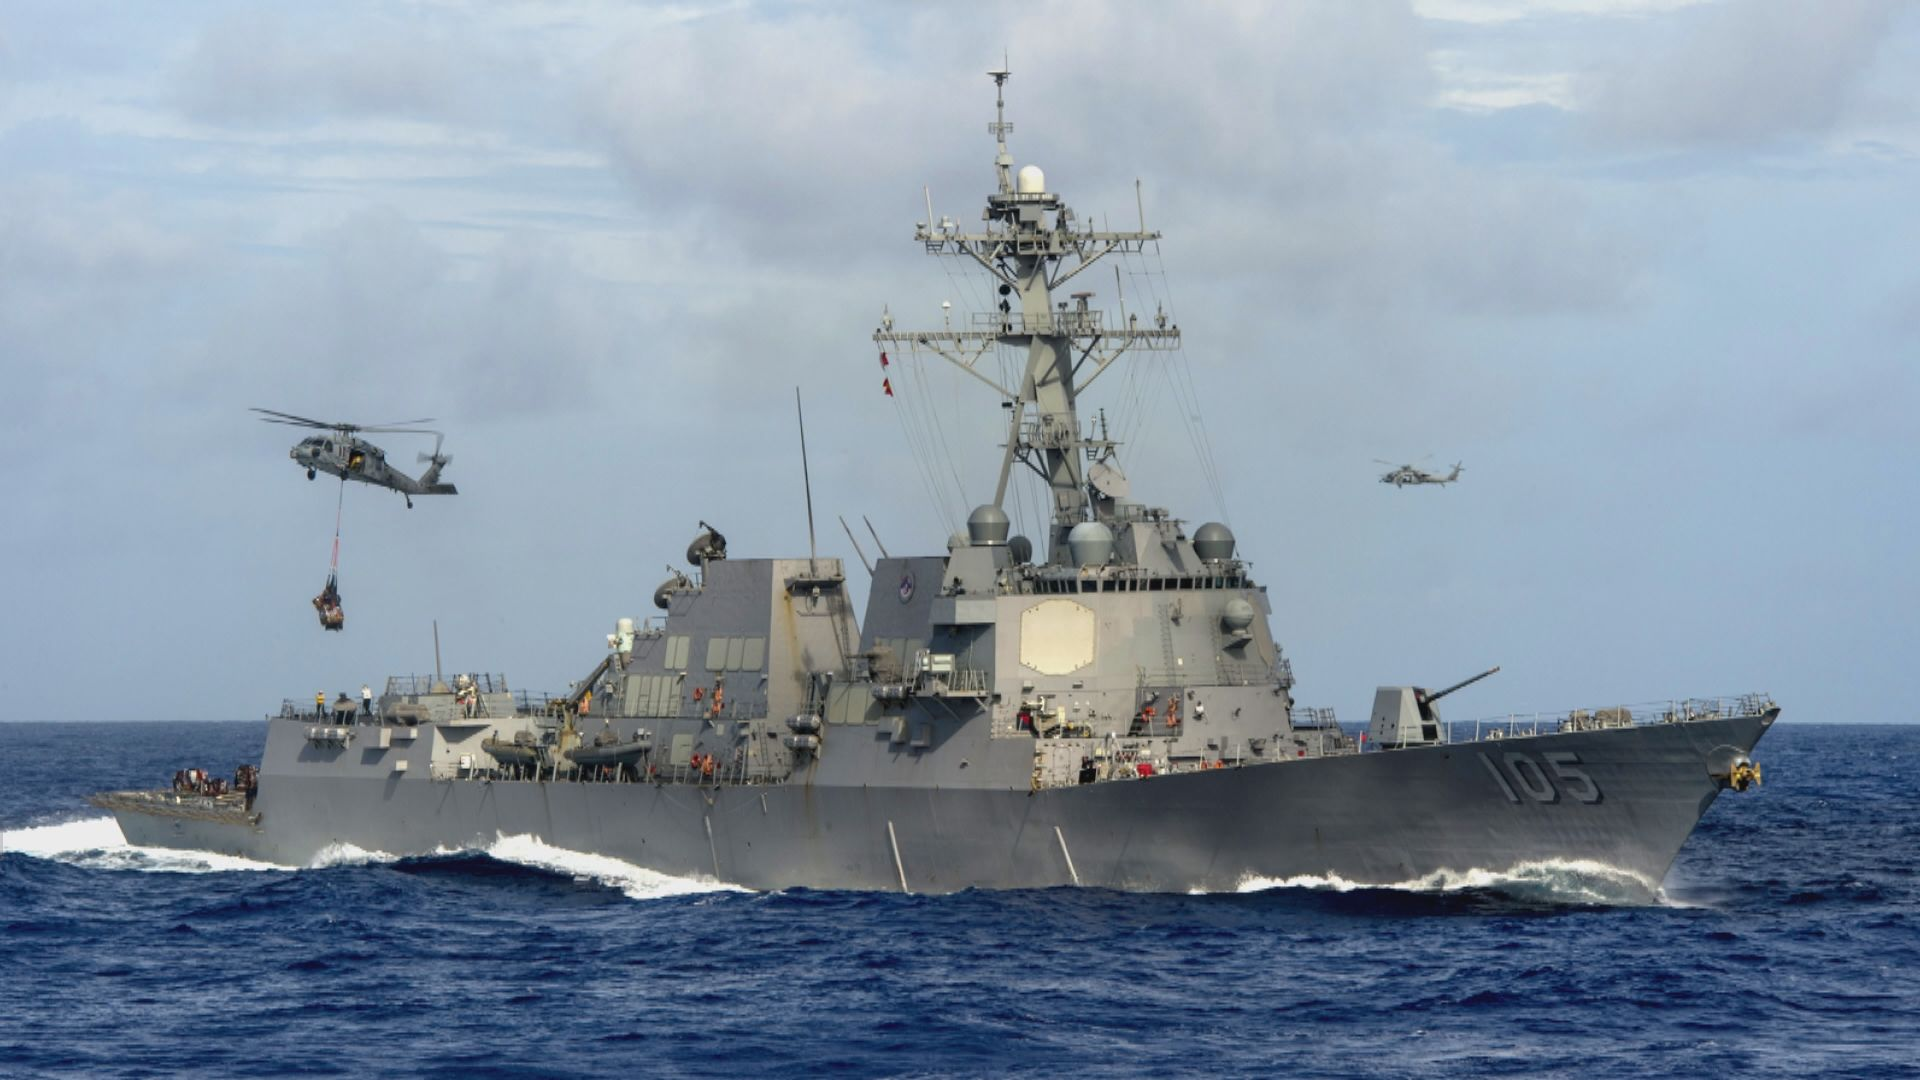 美加軍艦聯合穿越台海 解放軍斥危害和平穩定